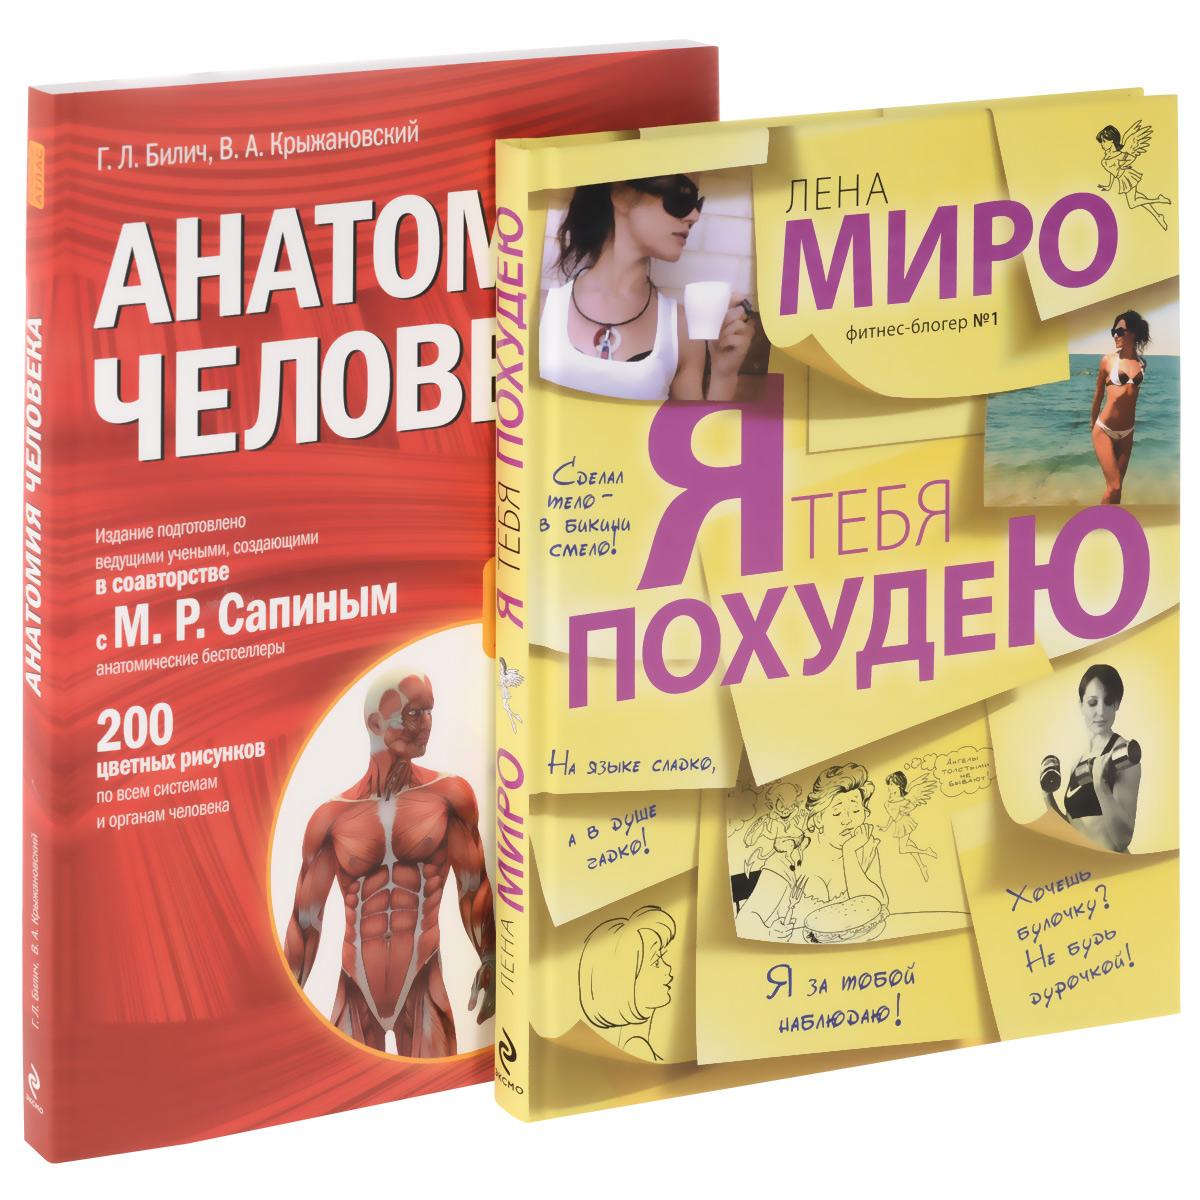 Книги Онлайн О Похудении.